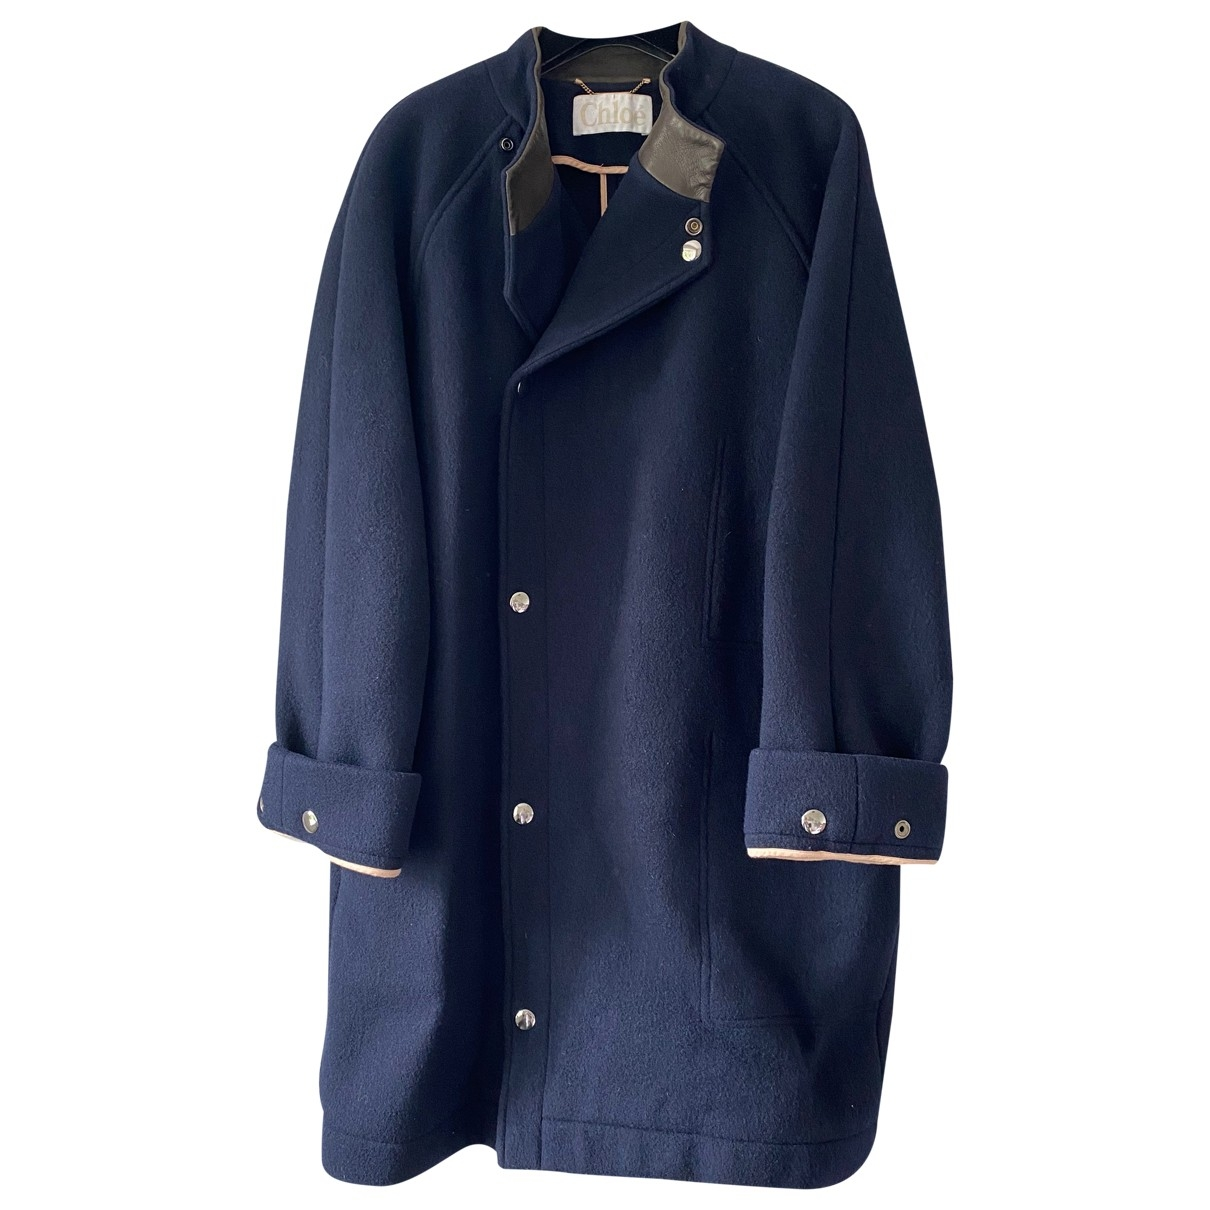 Chlo?? \N Navy Wool coat for Women 36 FR